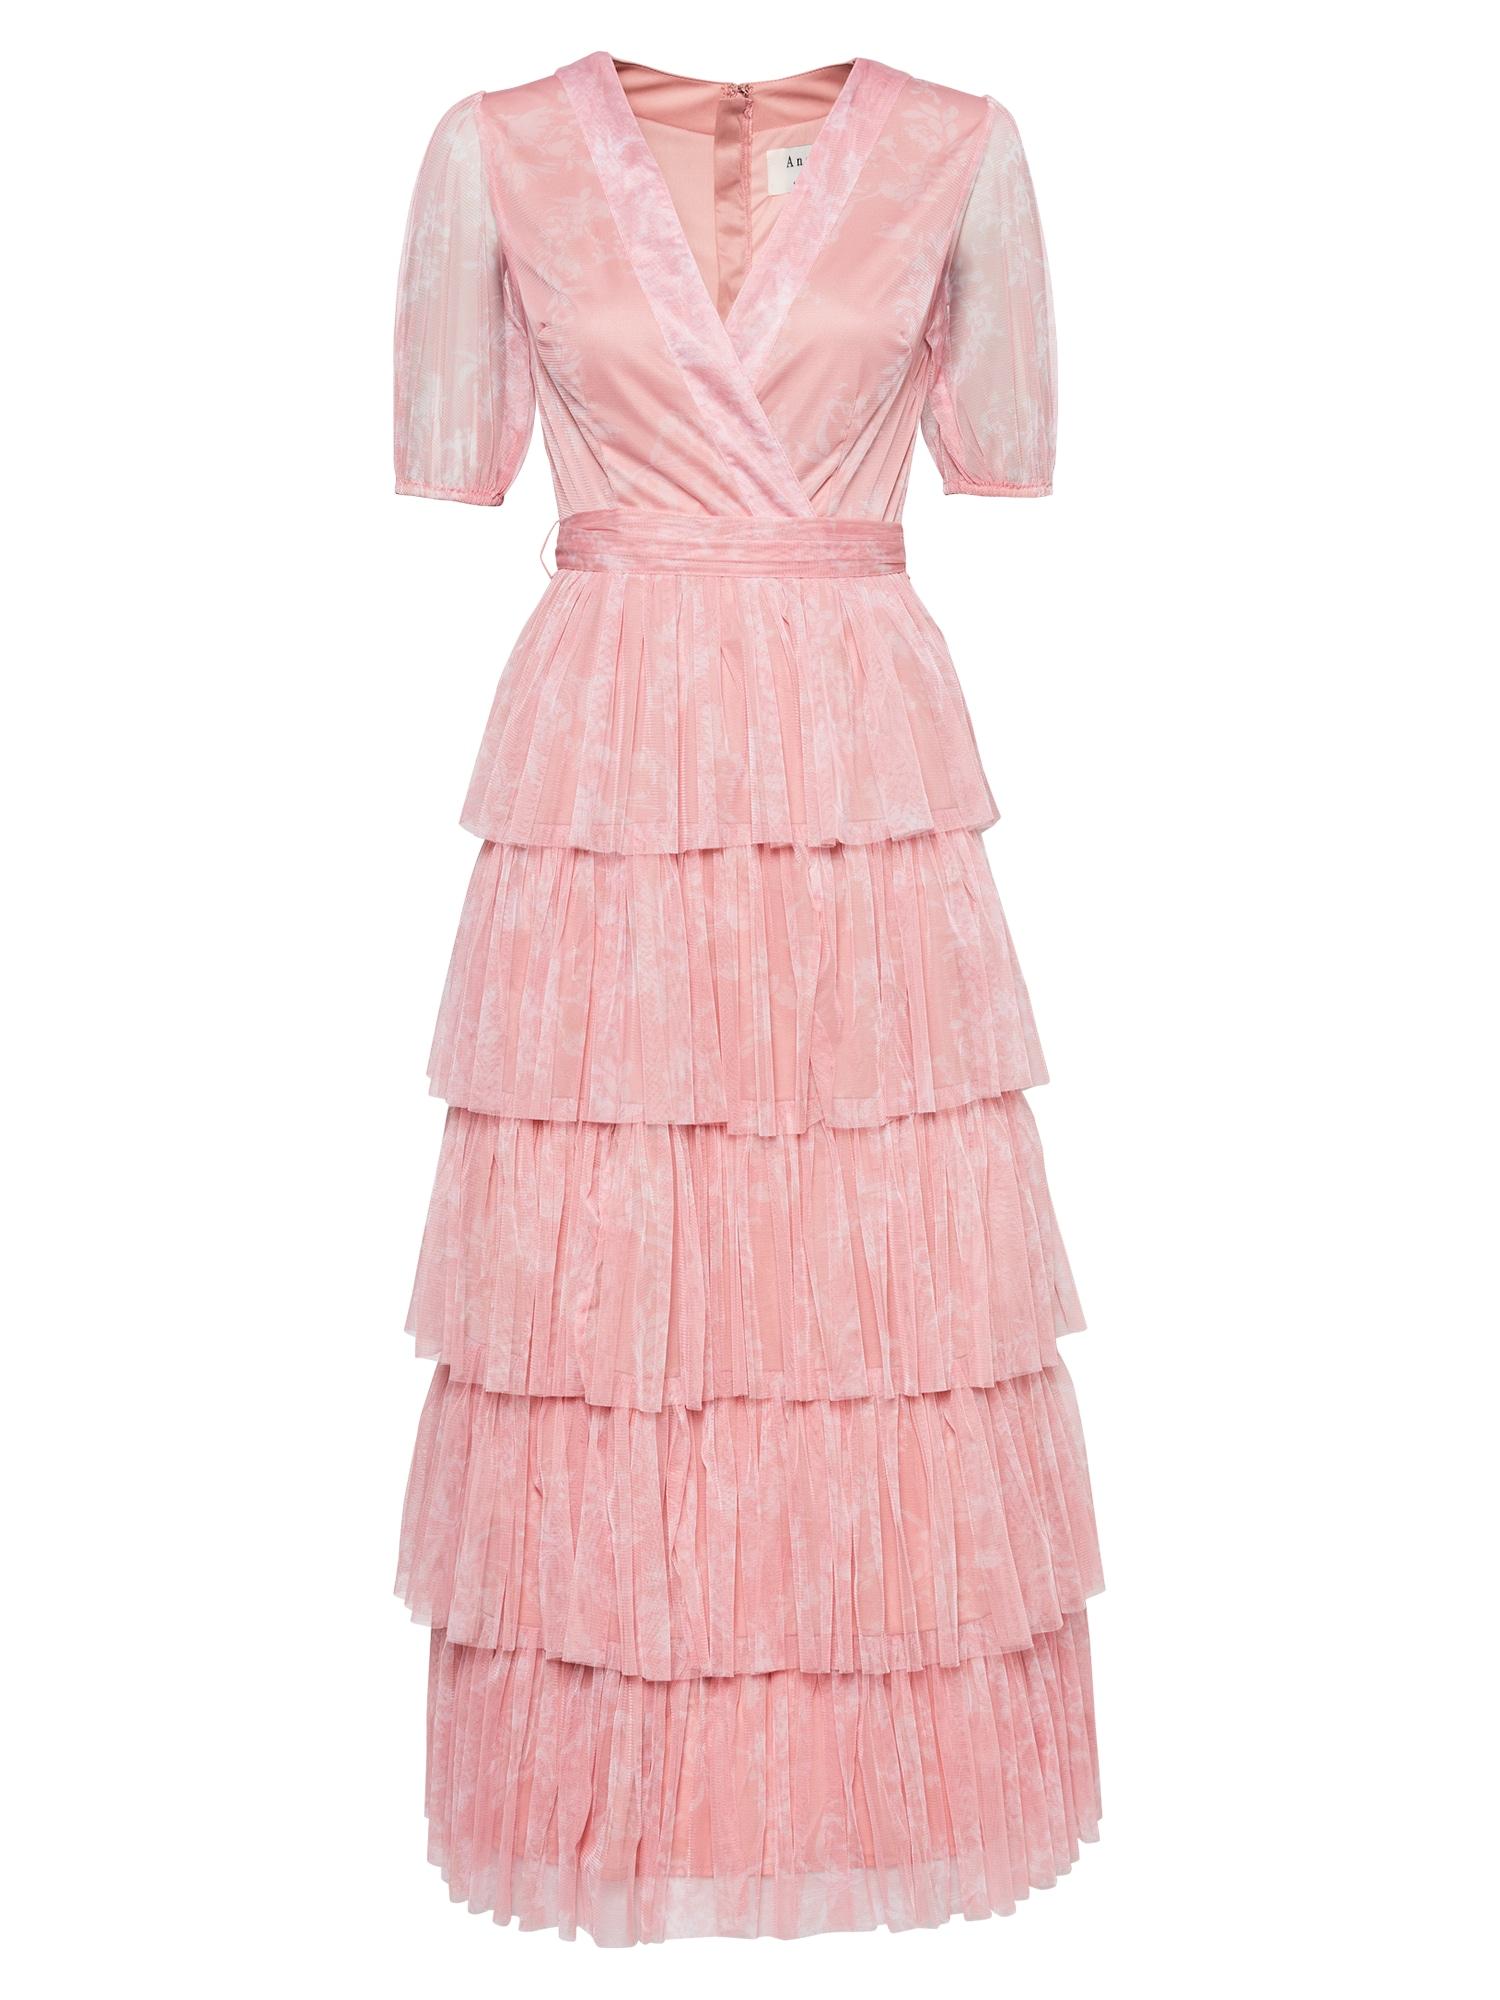 Maya Deluxe Vakarinė suknelė rožinė